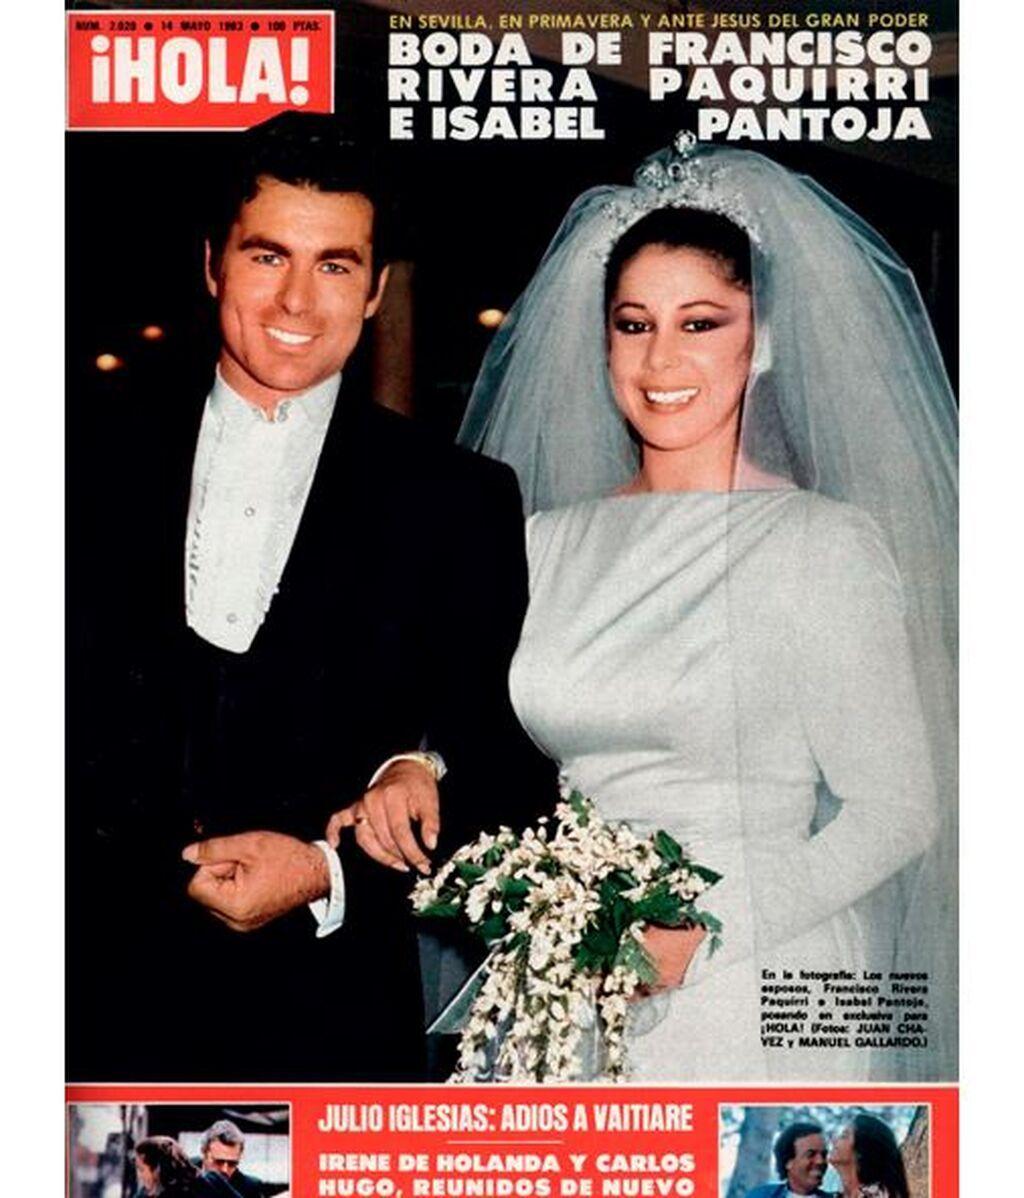 El traje de novia de Isabel Pantoja era un diseño de su amiga Lina